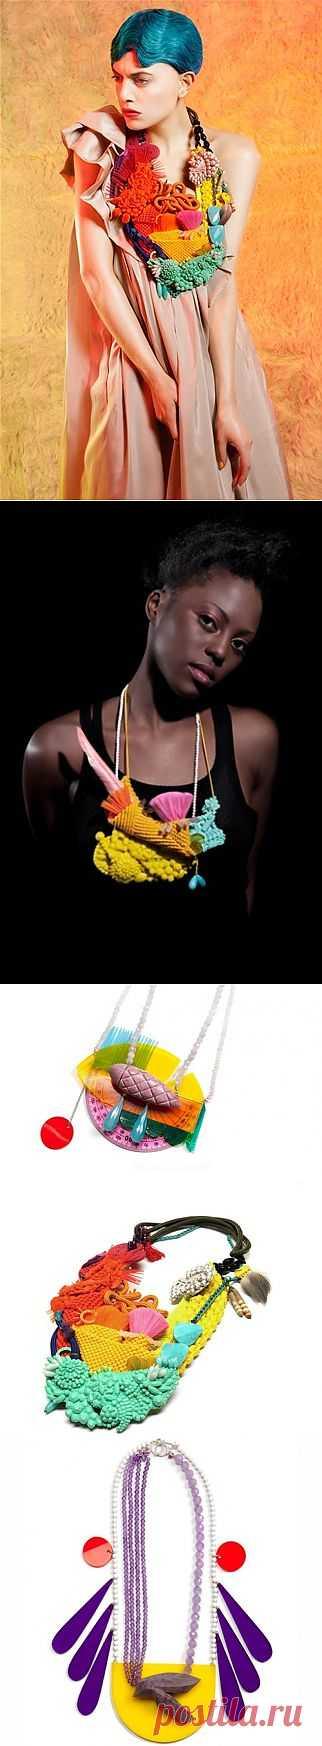 Denise Julia Reytan(Подборка) / Украшения и бижутерия / Модный сайт о стильной переделке одежды и интерьера